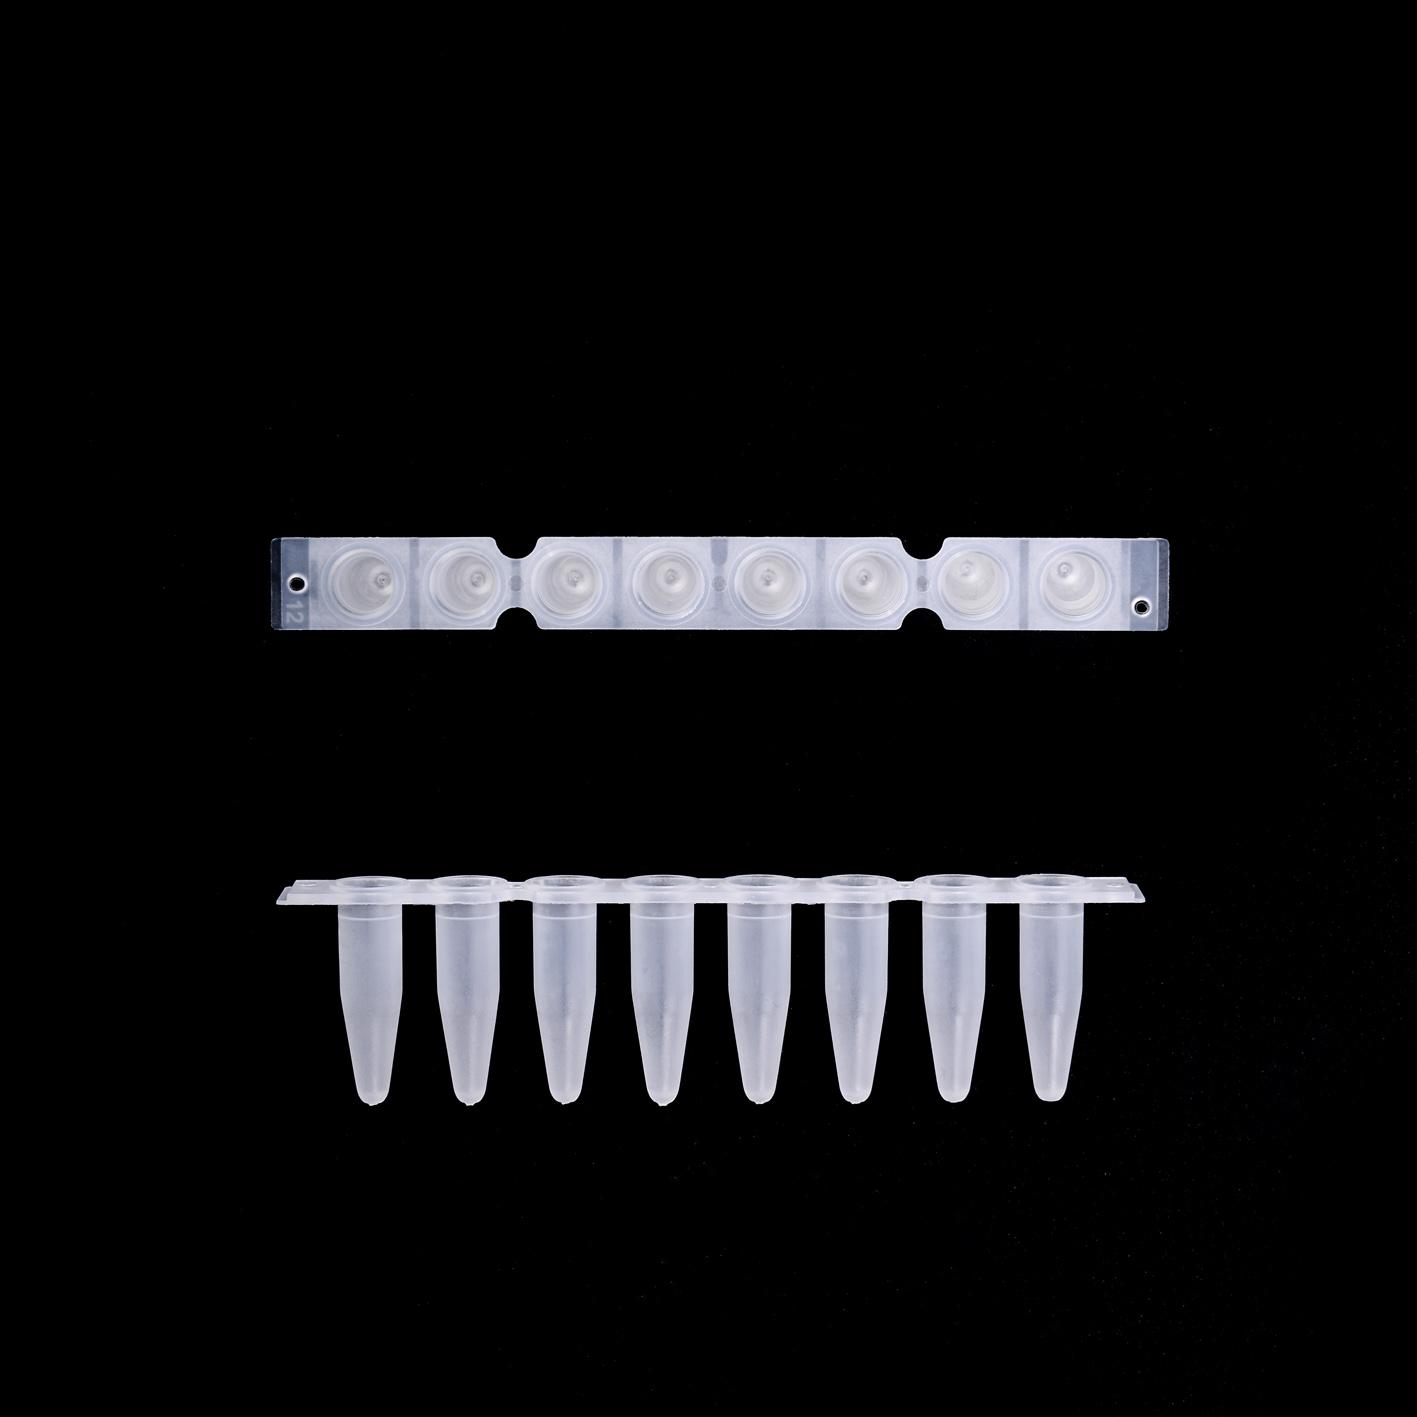 EU 0.2 ml 薄壁八联管(加强连接)